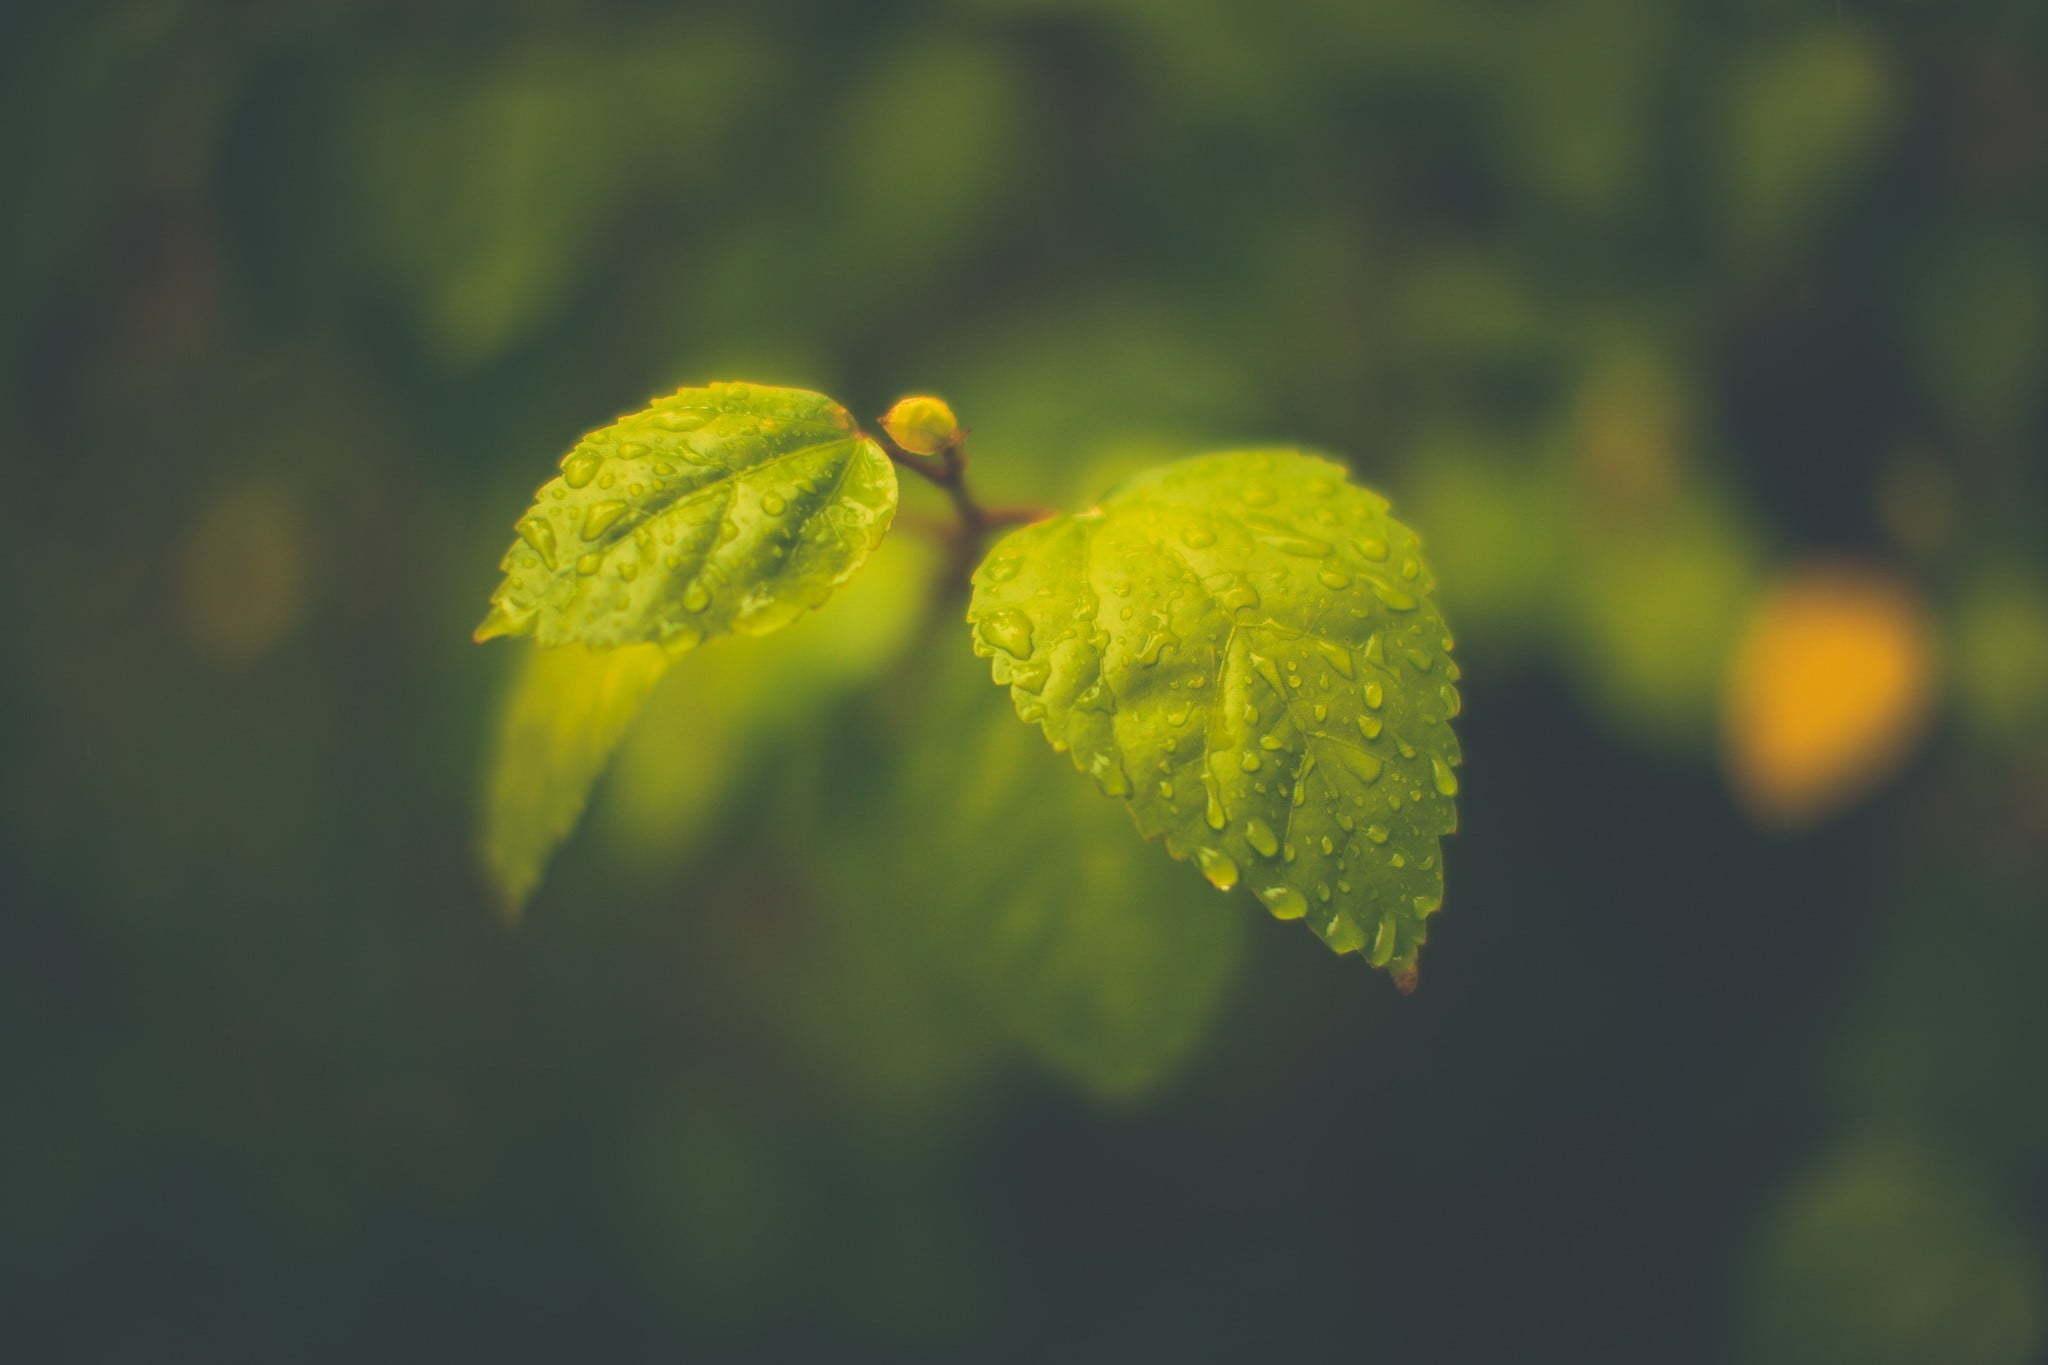 Картинка: Листья, ветка, капли, вода, фокус